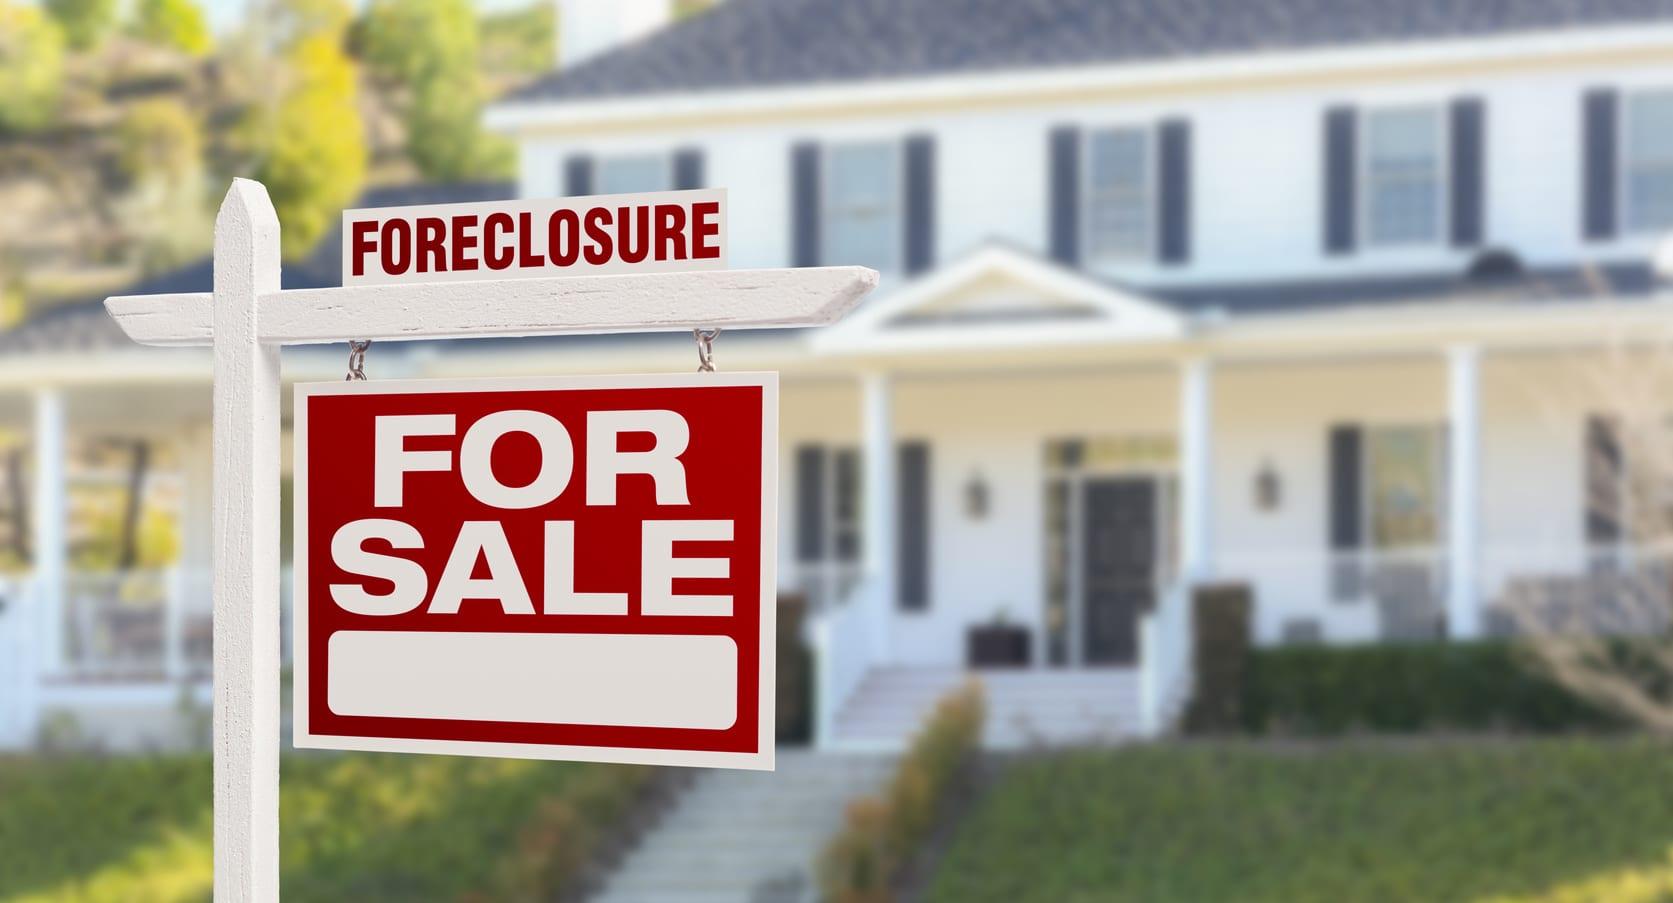 Stop Foreclosure - Virginia Beach, Norfolk, Chesapeake, Portsmouth, Suffolk, Newport News, Hampton, Yorktown, Richmond, Chesterfield, Henrico